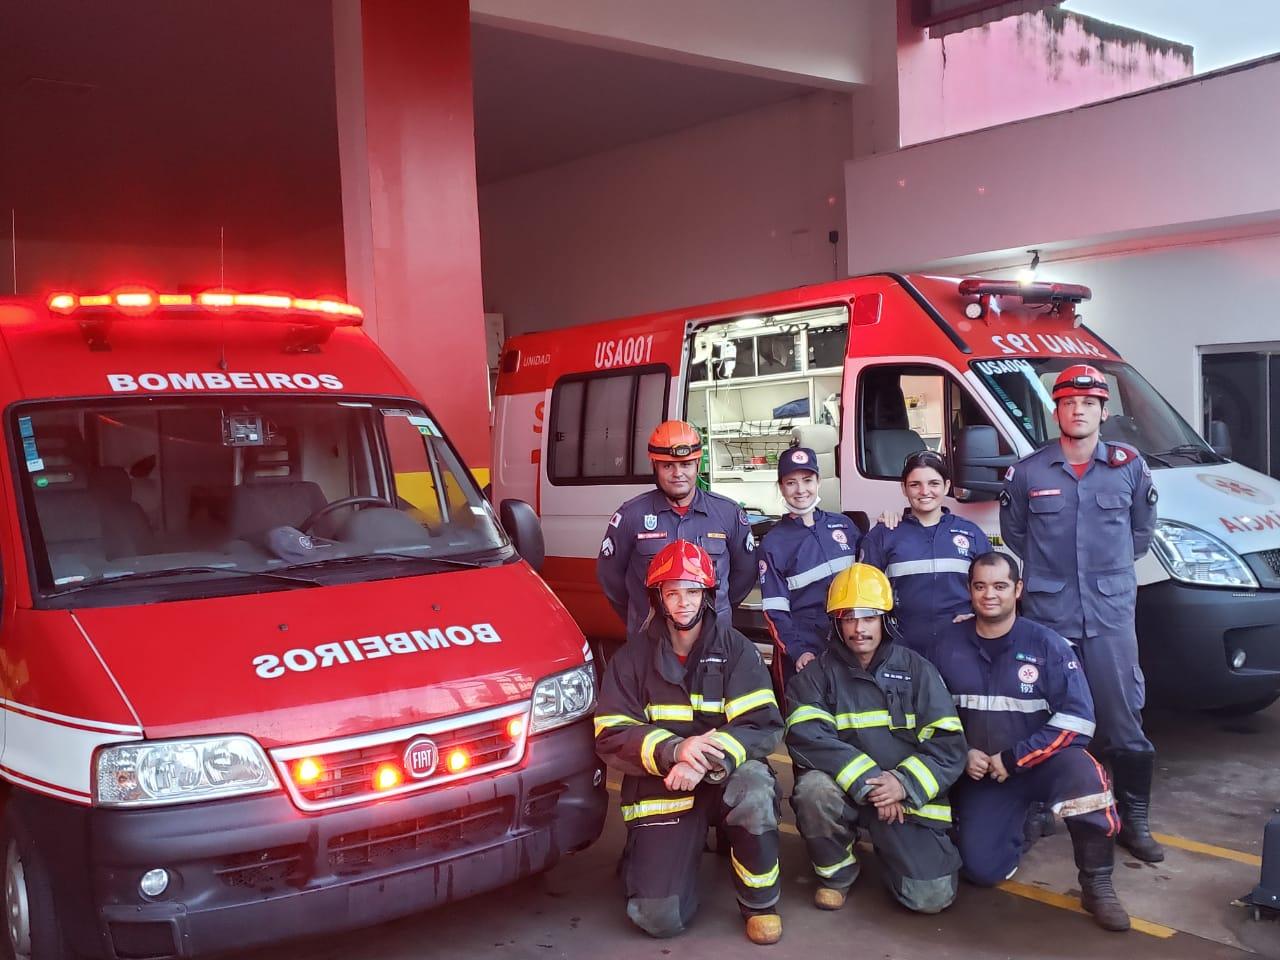 Equipe dos Bombeiros que efetuaram o resgate (Foto: Bombeiros/Divulgação)